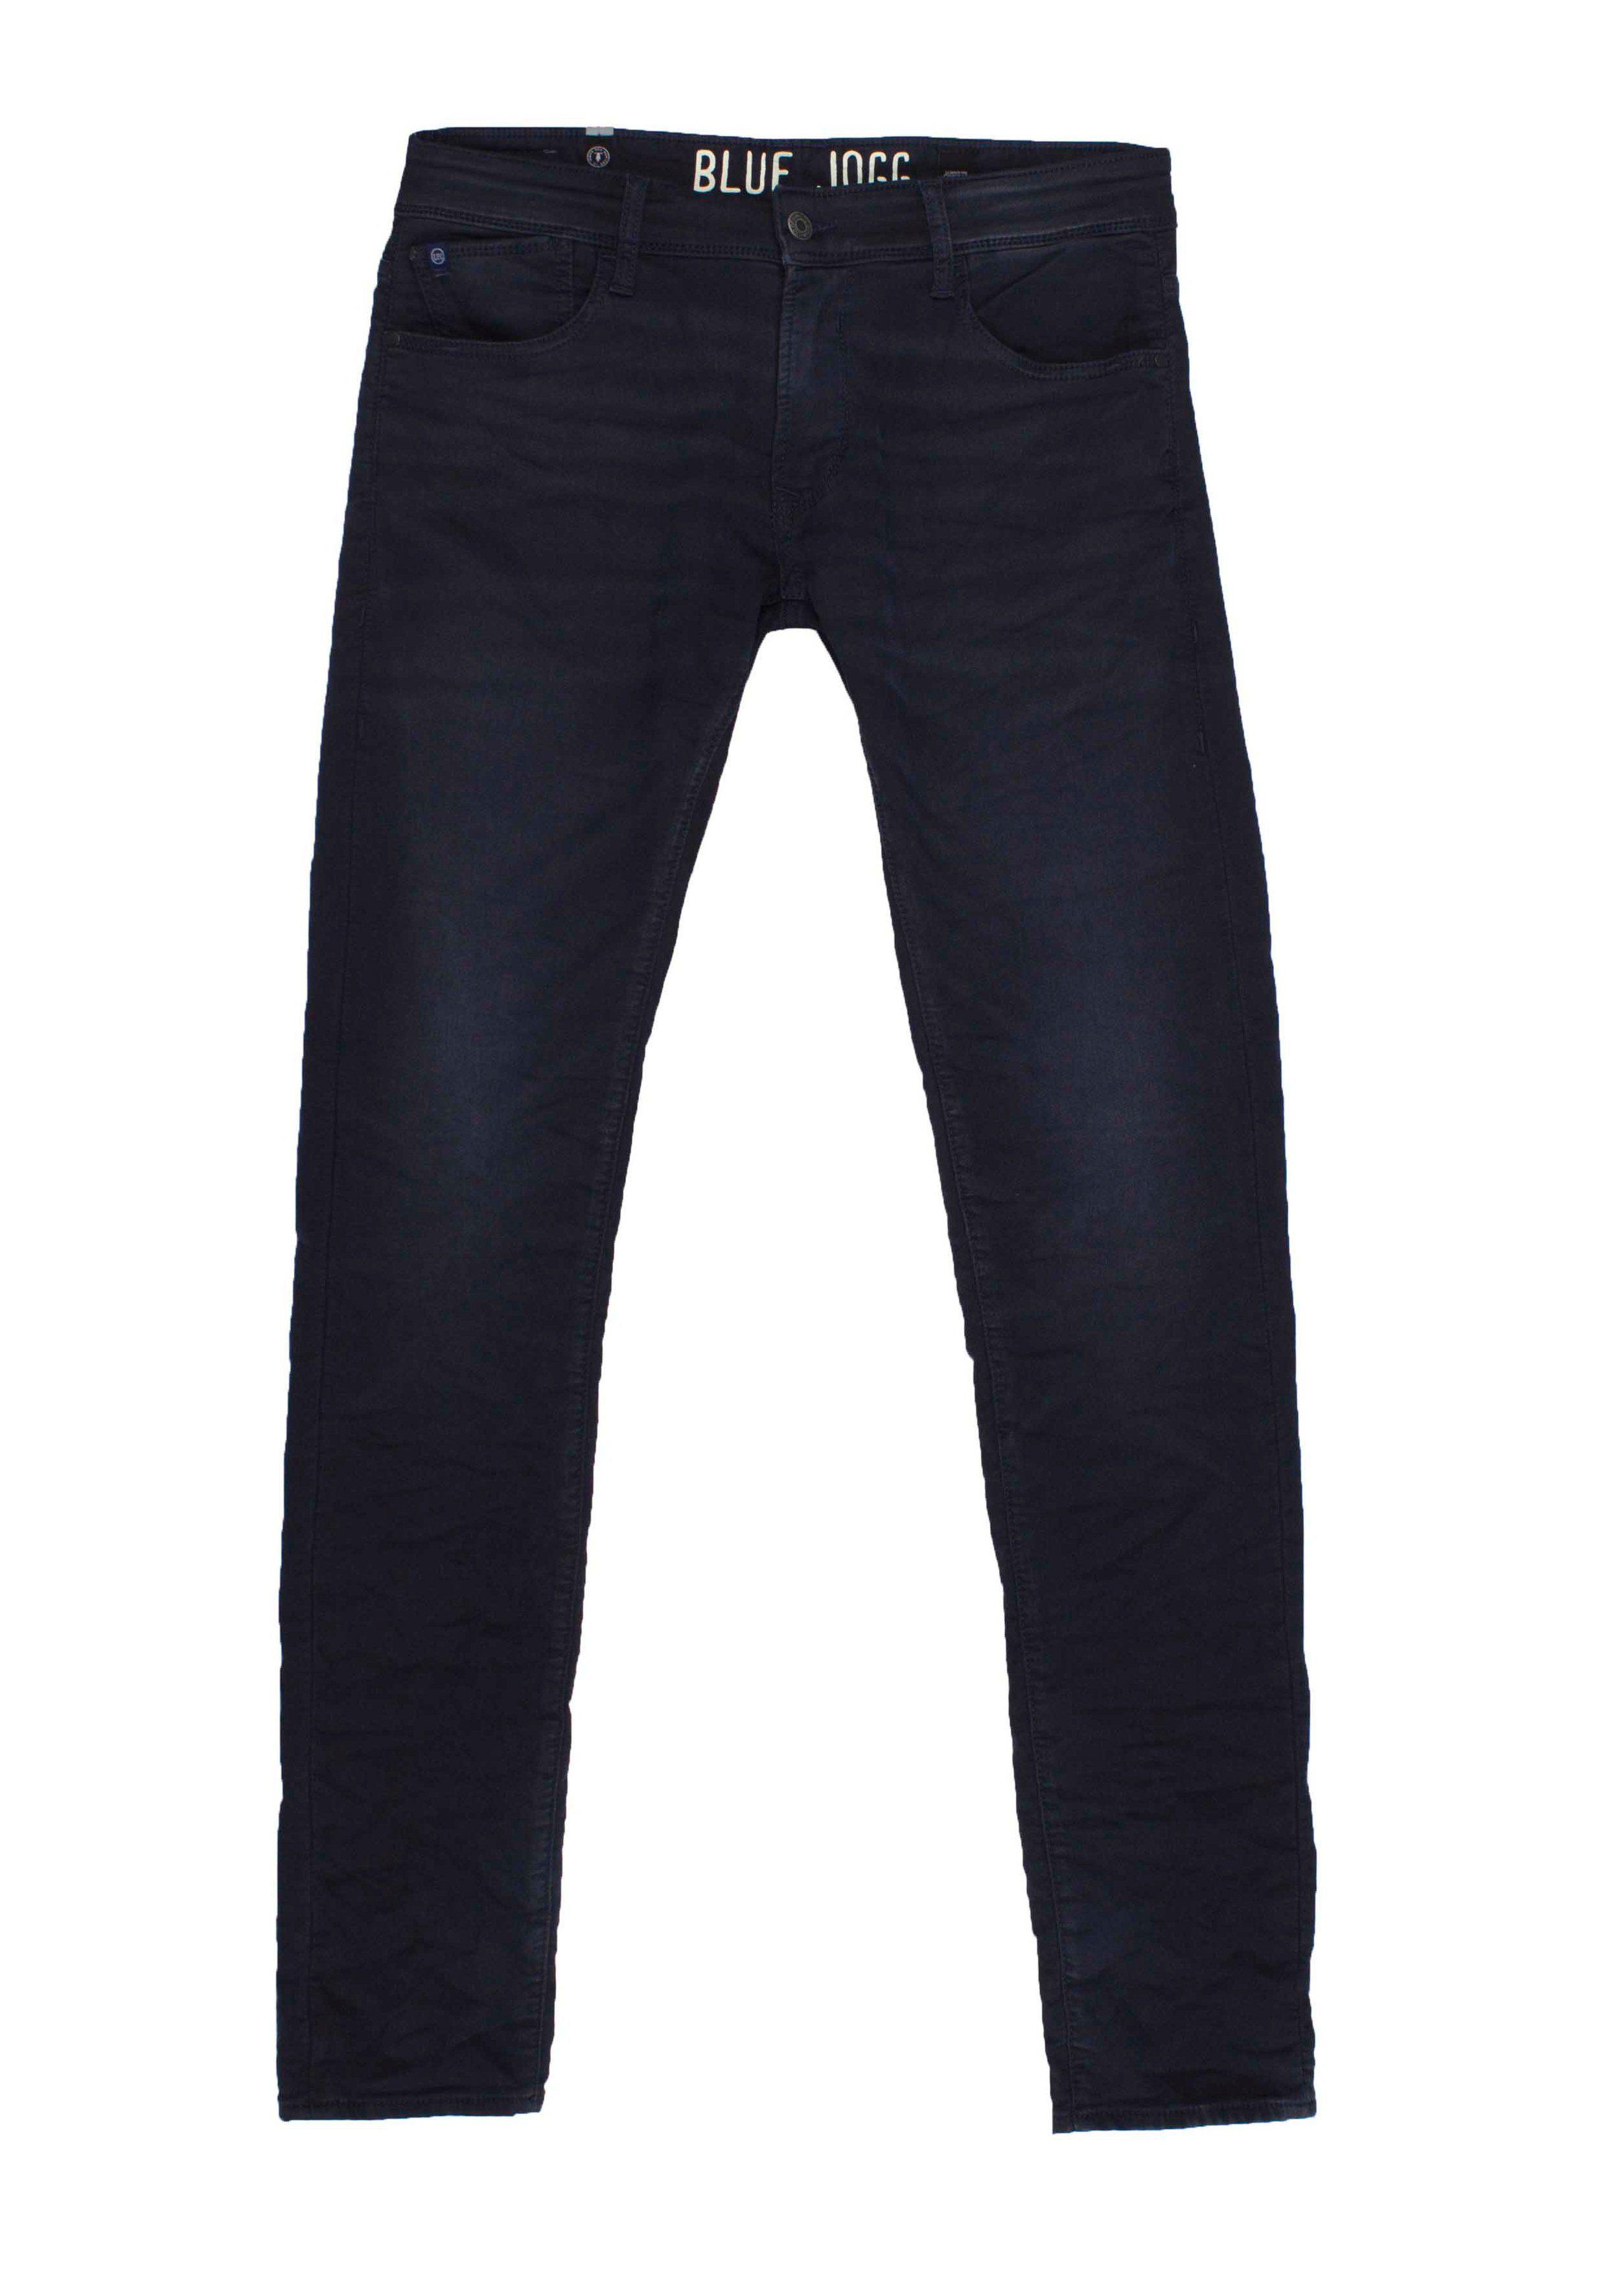 Jeans Temps In Des Cerises Design Klassischem Le OkXuwPZiT